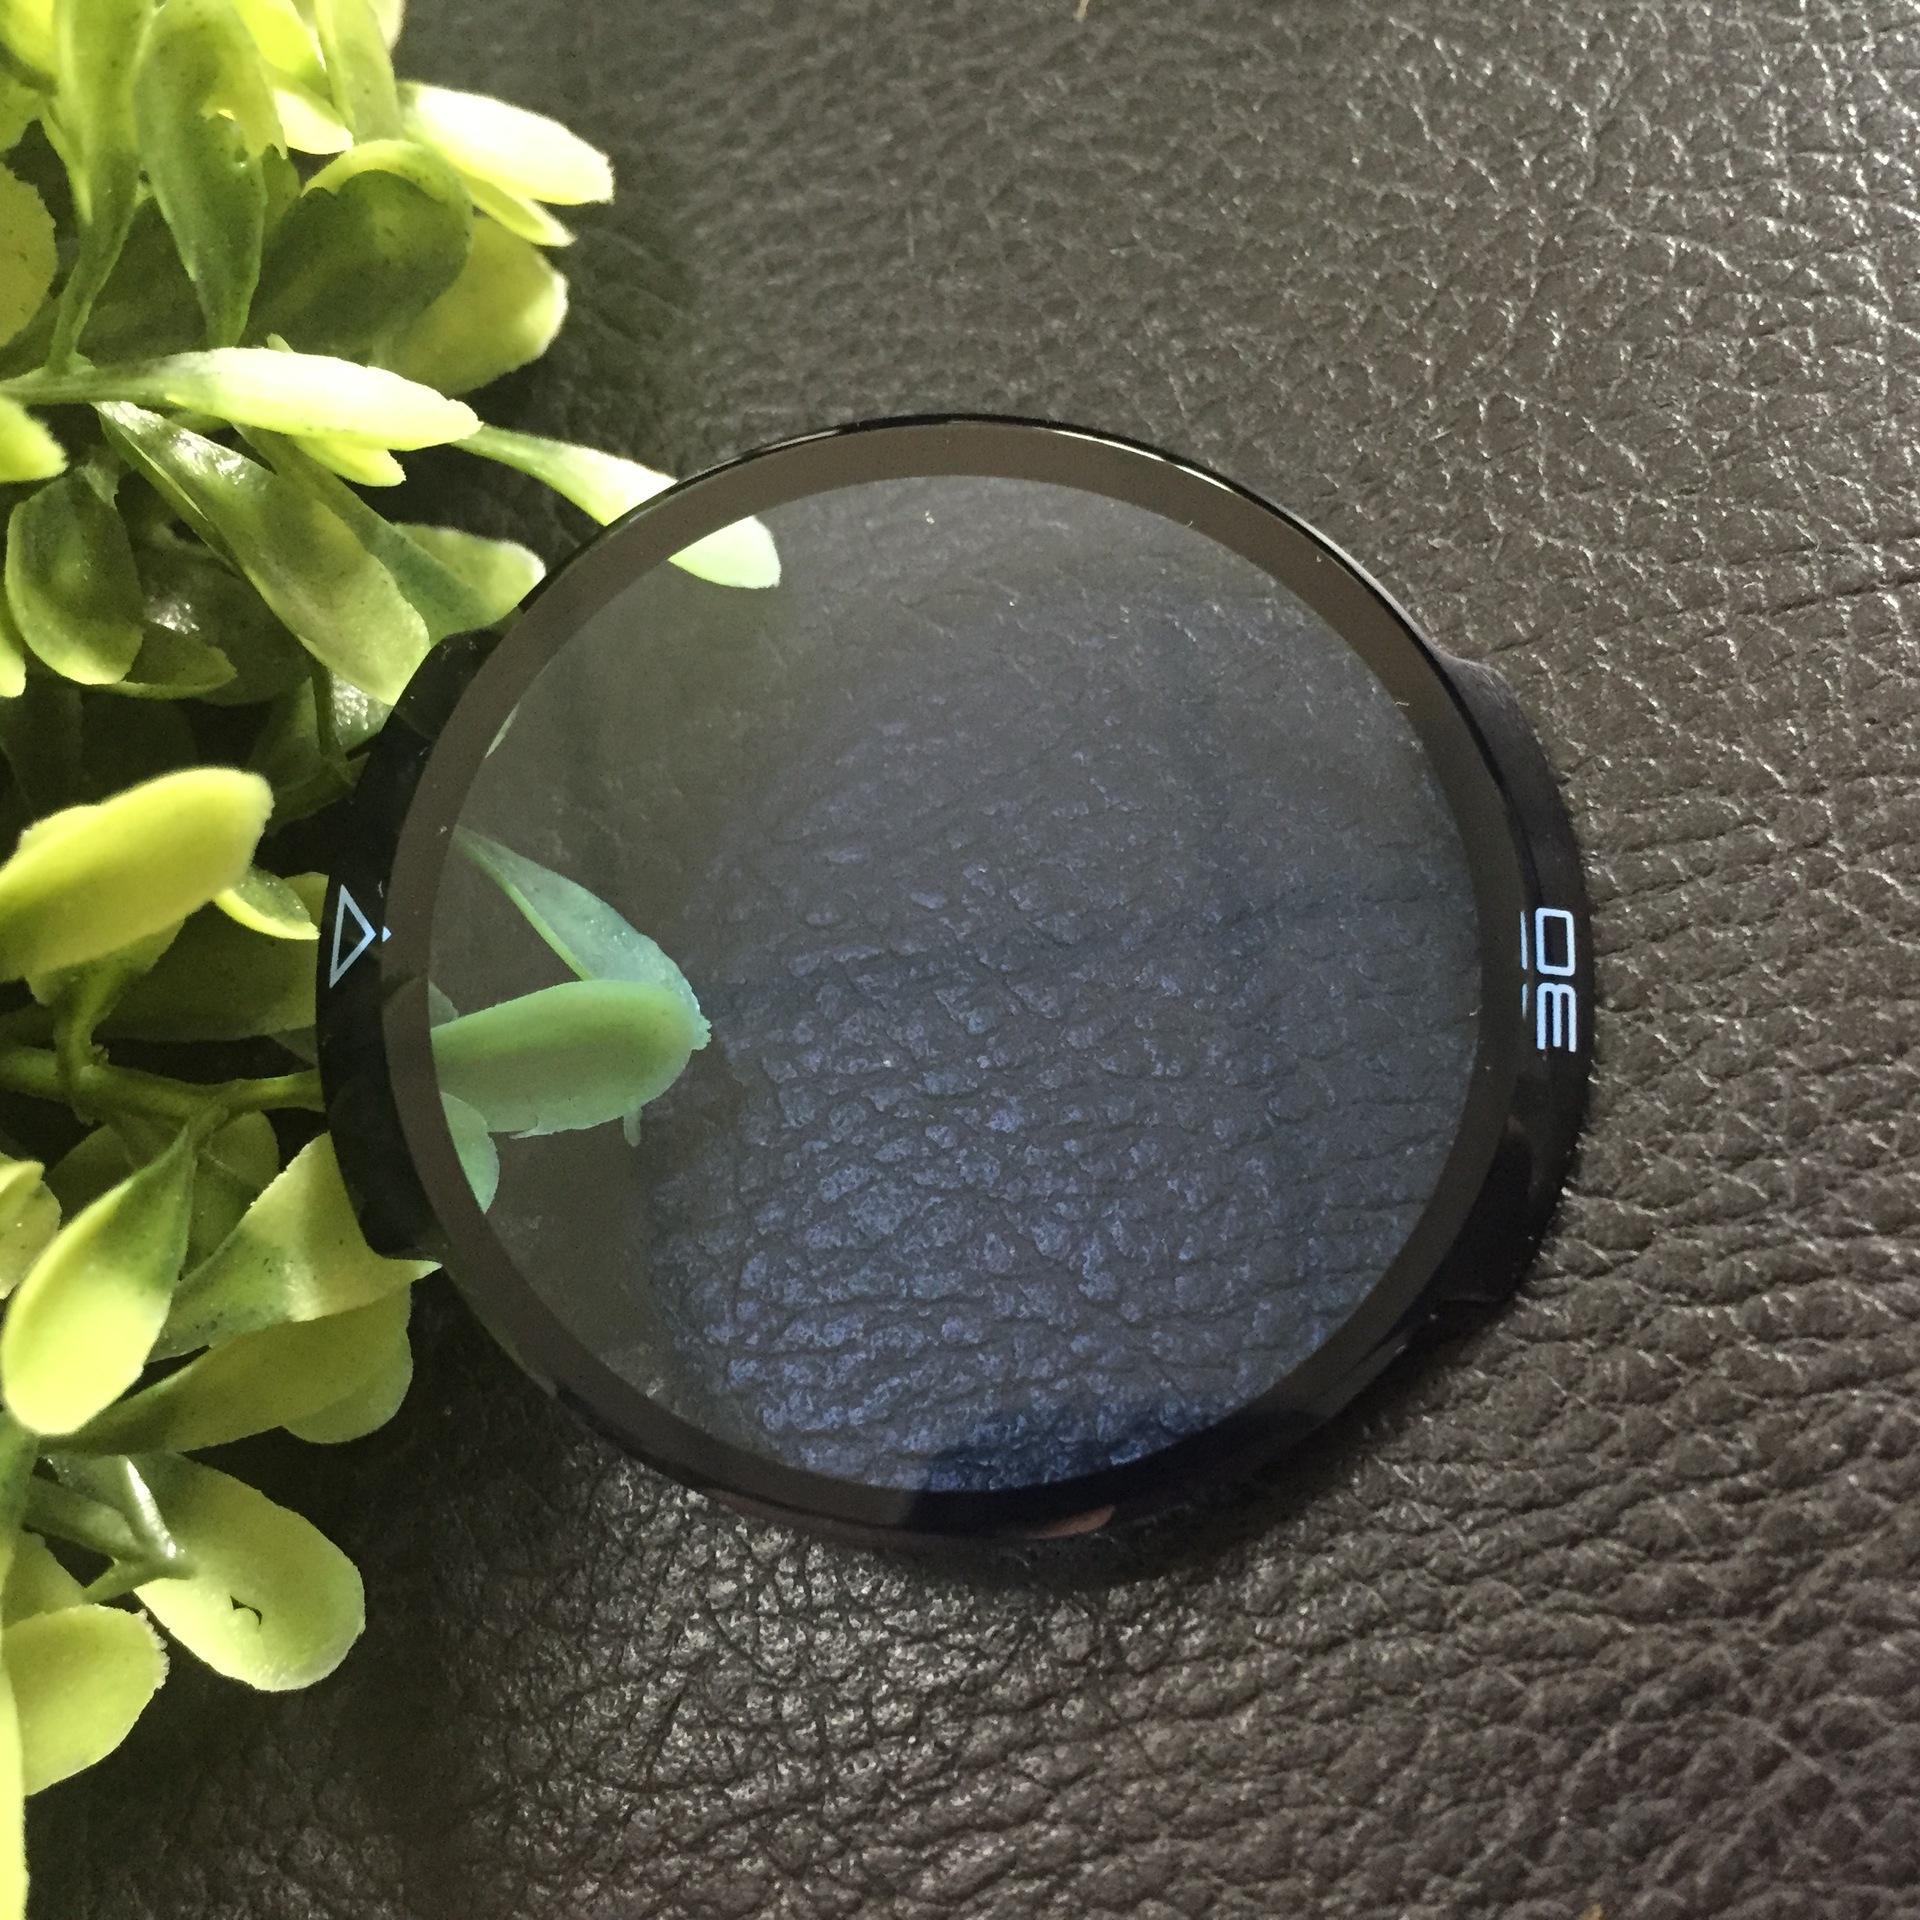 Özelleştirilebilir başbakan tamron kamera optik cam lens için nikon d5100 için projektör